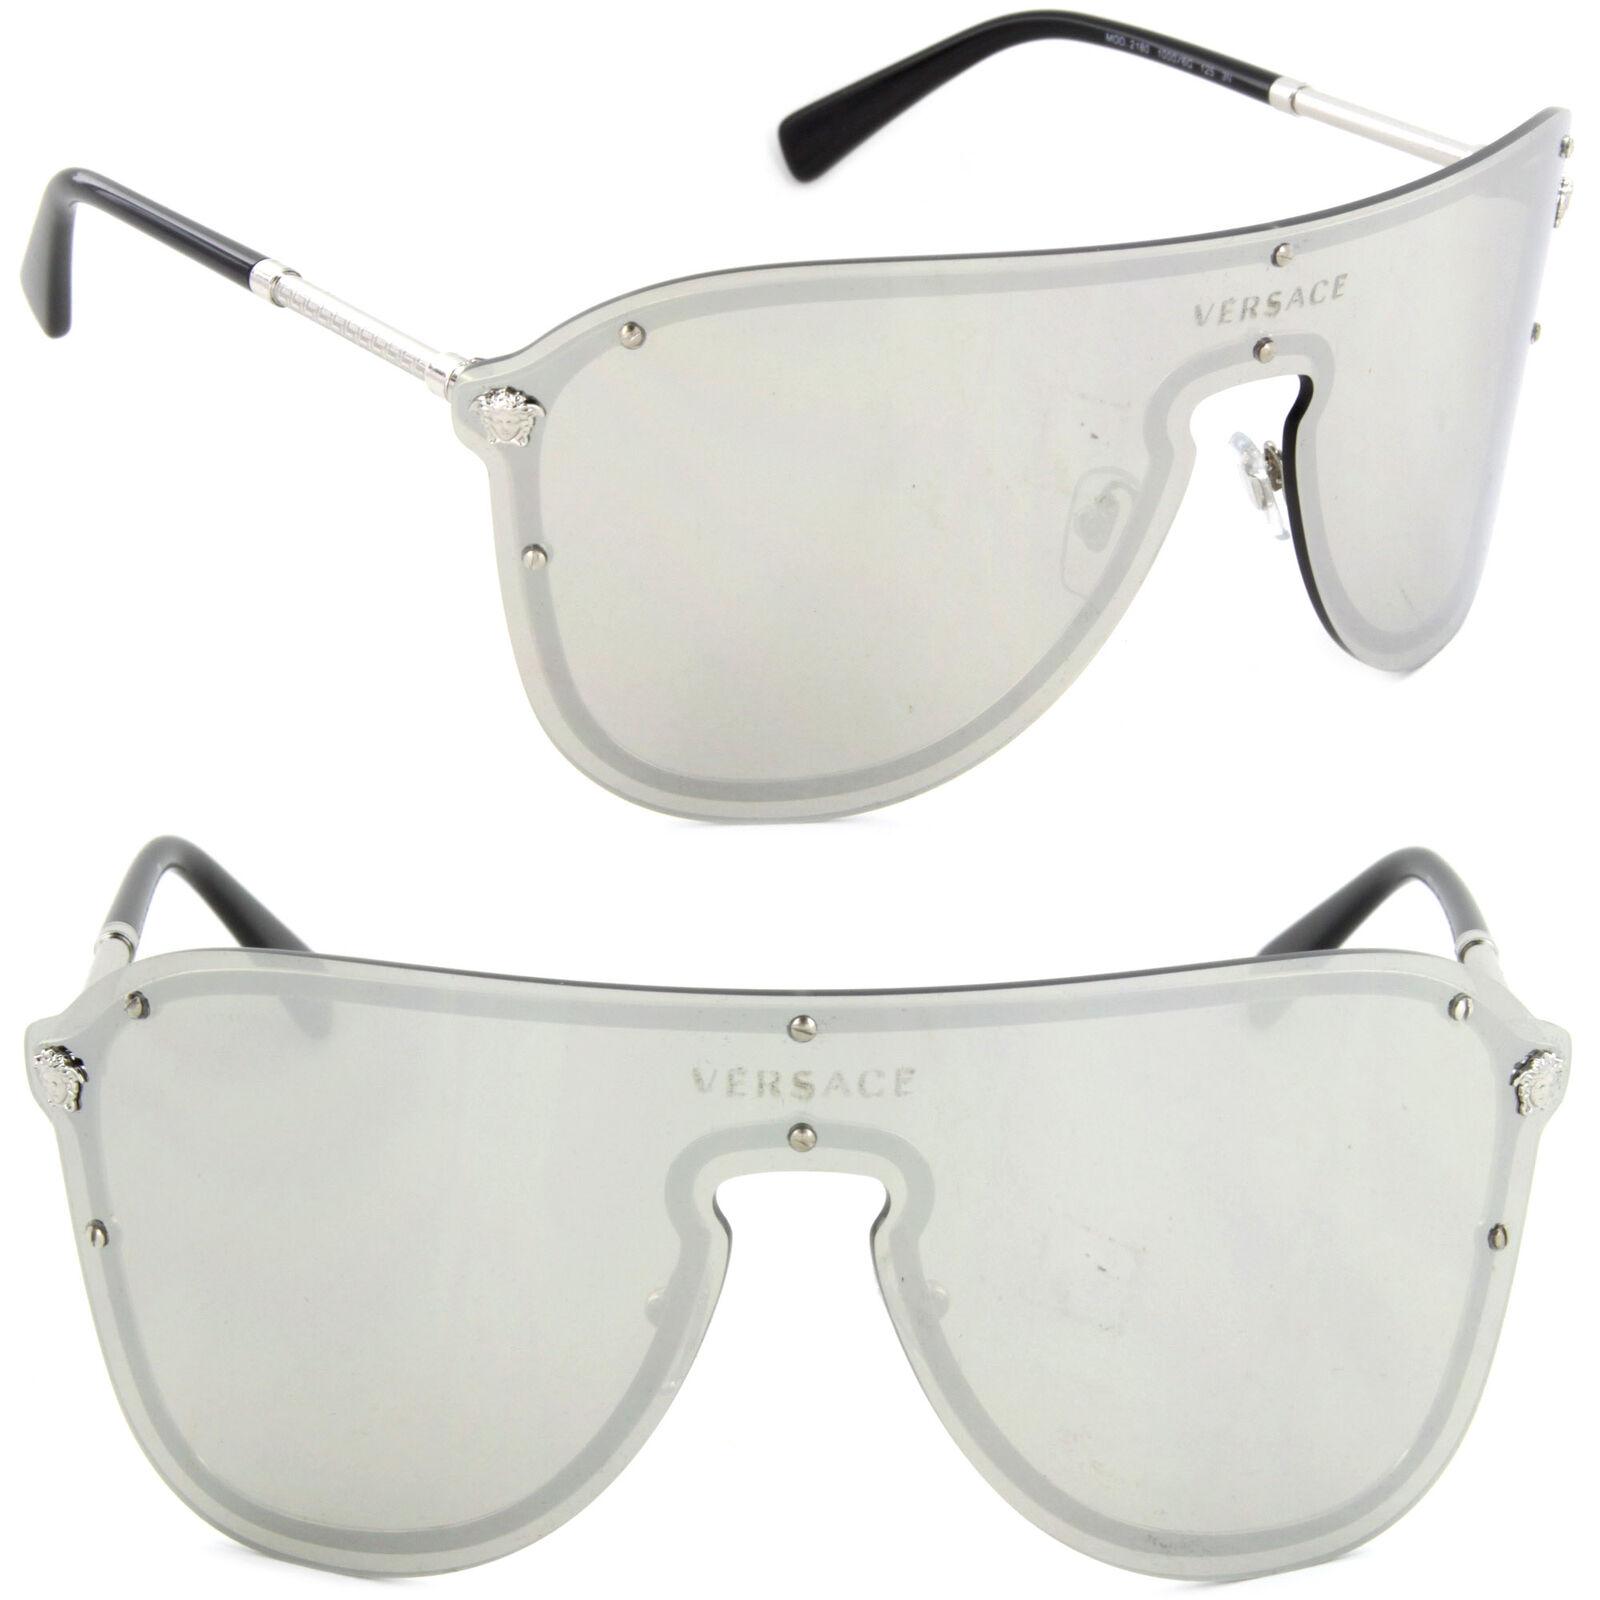 bfe8c555bc4 ... NEW Authentic Versace VE2180 Pilot Sunglasses 4 Colors (Choose Color)  фото